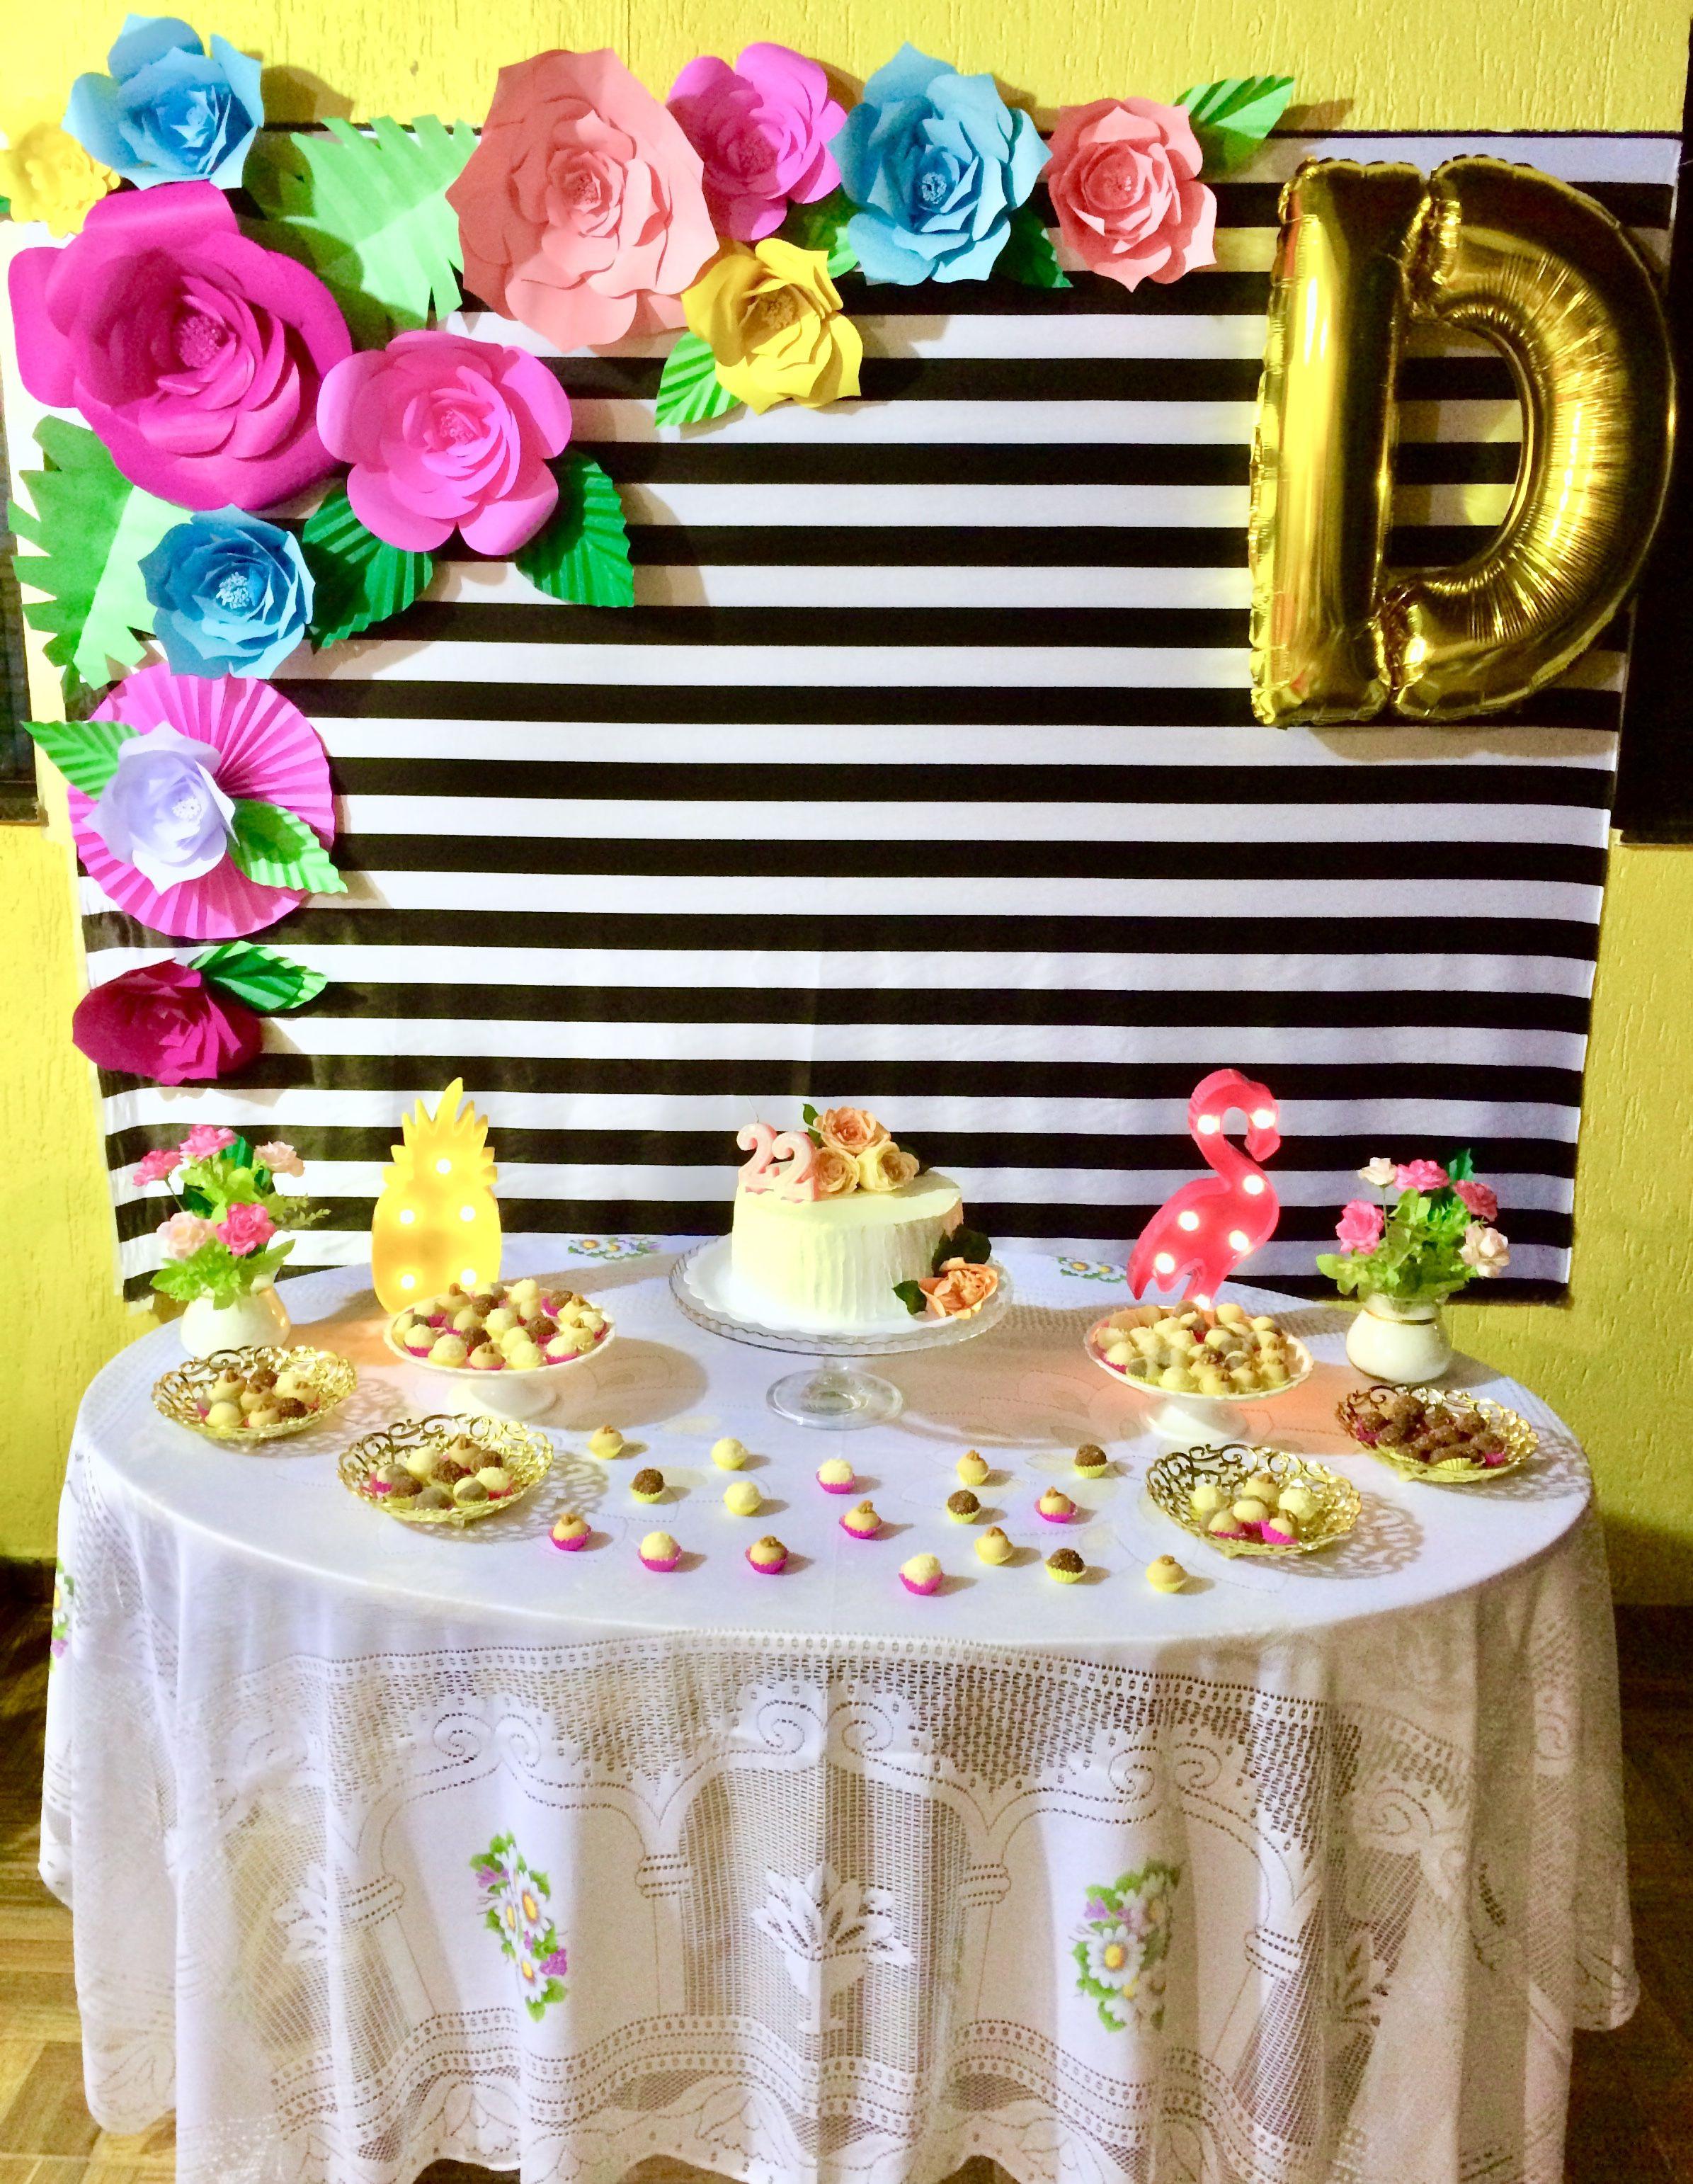 Flores de papel Decoraç u00e3o floral Flamingo Aniversário em 2019 Flamingo birthday  # Decoração De Flores De Papel Para Aniversario